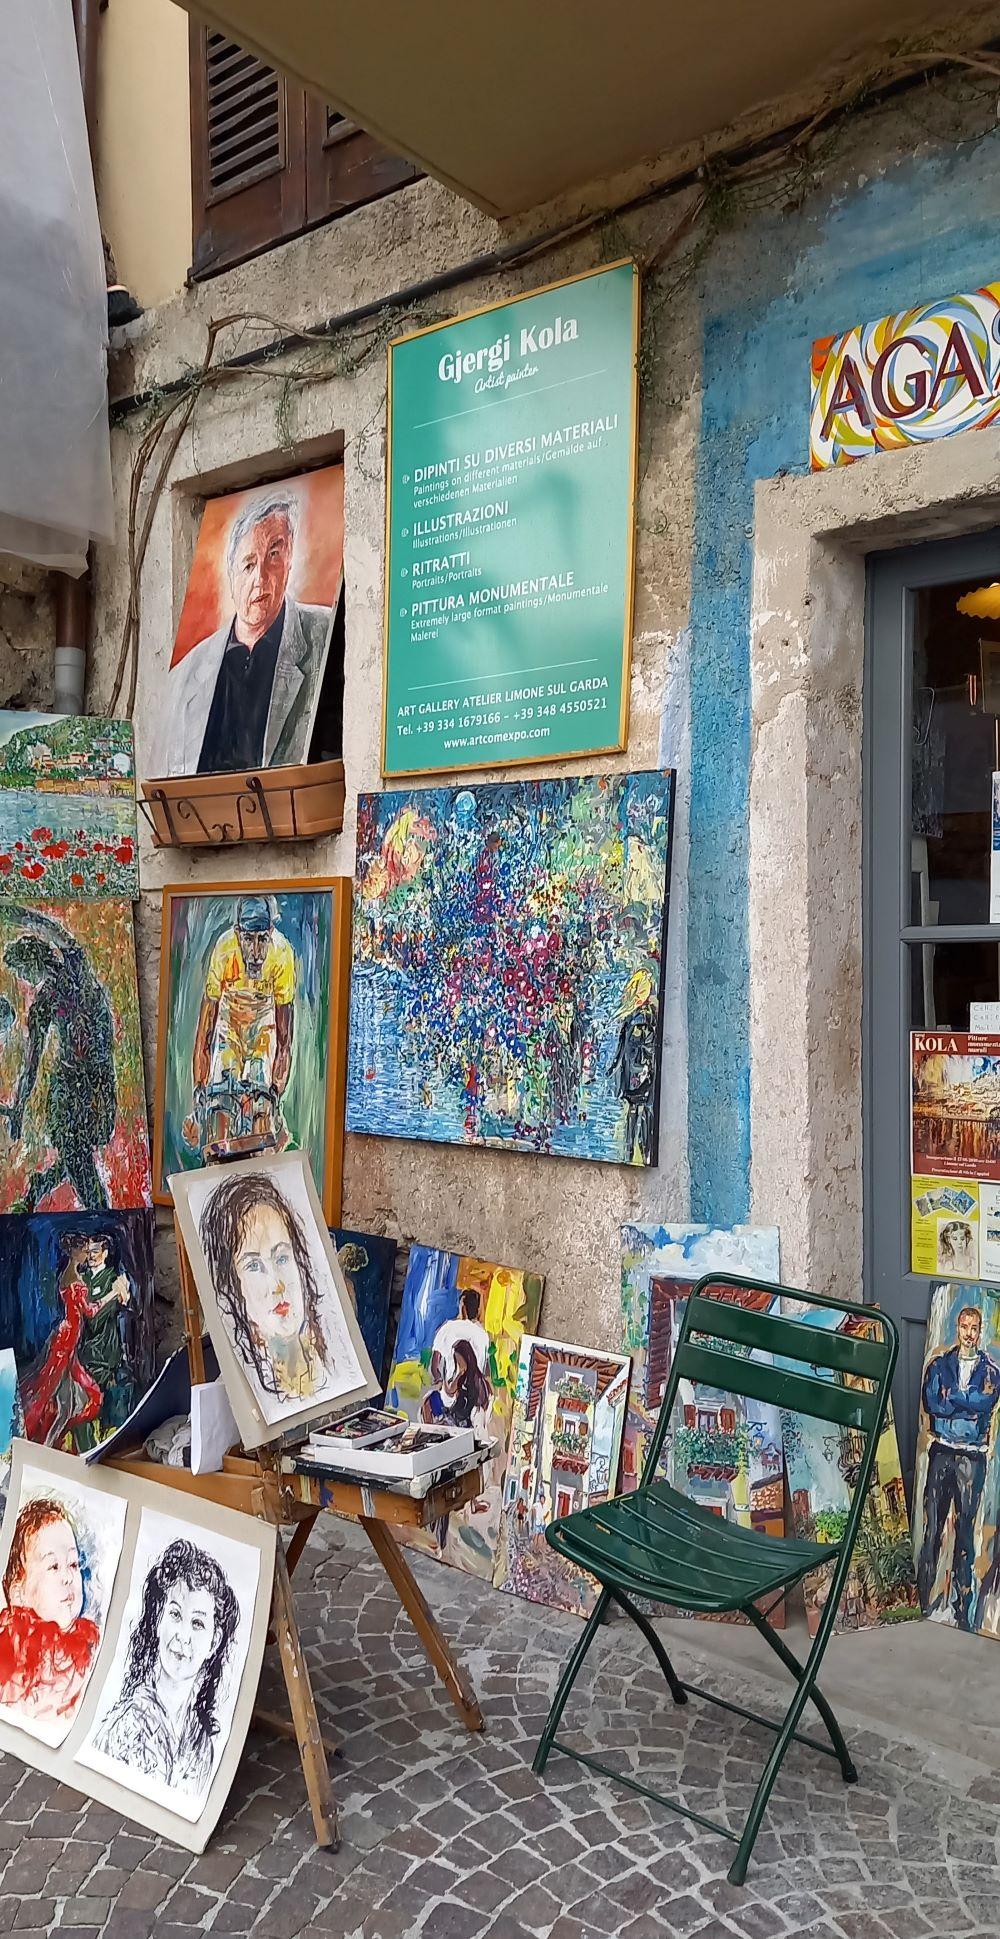 Atelier des Malers Gjergj Kola  in einer Gasse in Limone